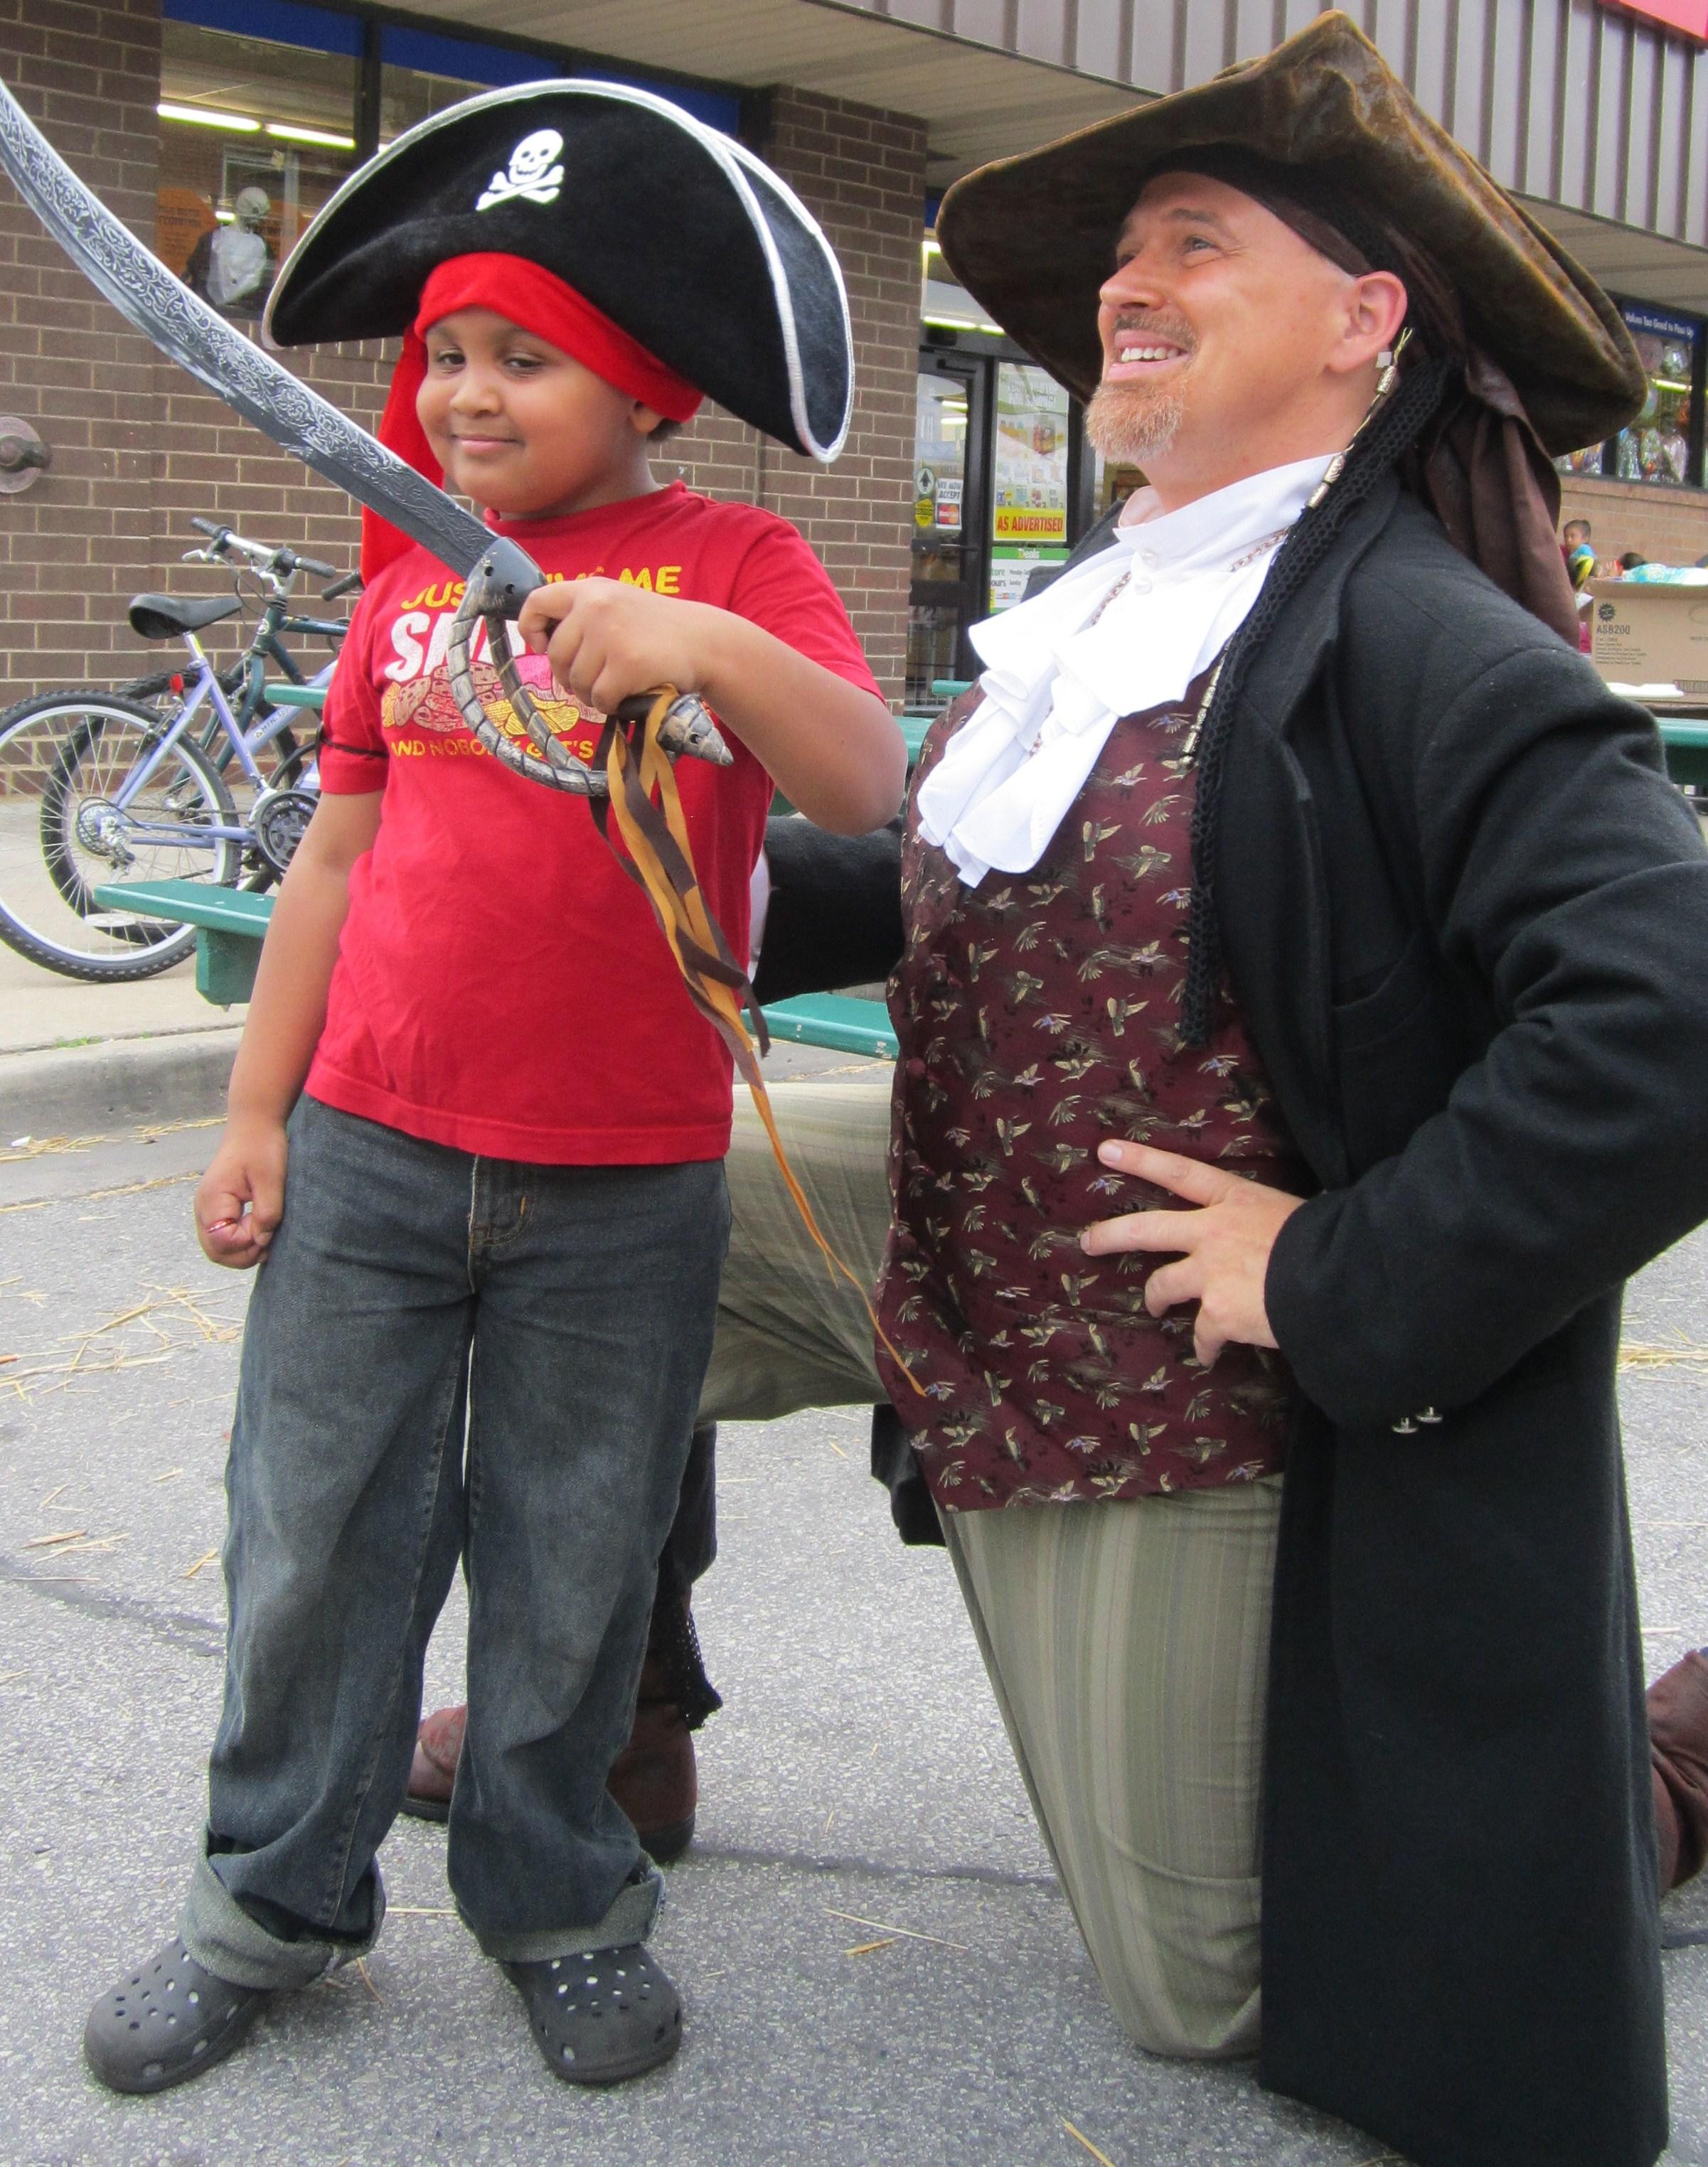 Oktoberfest 13 pirate